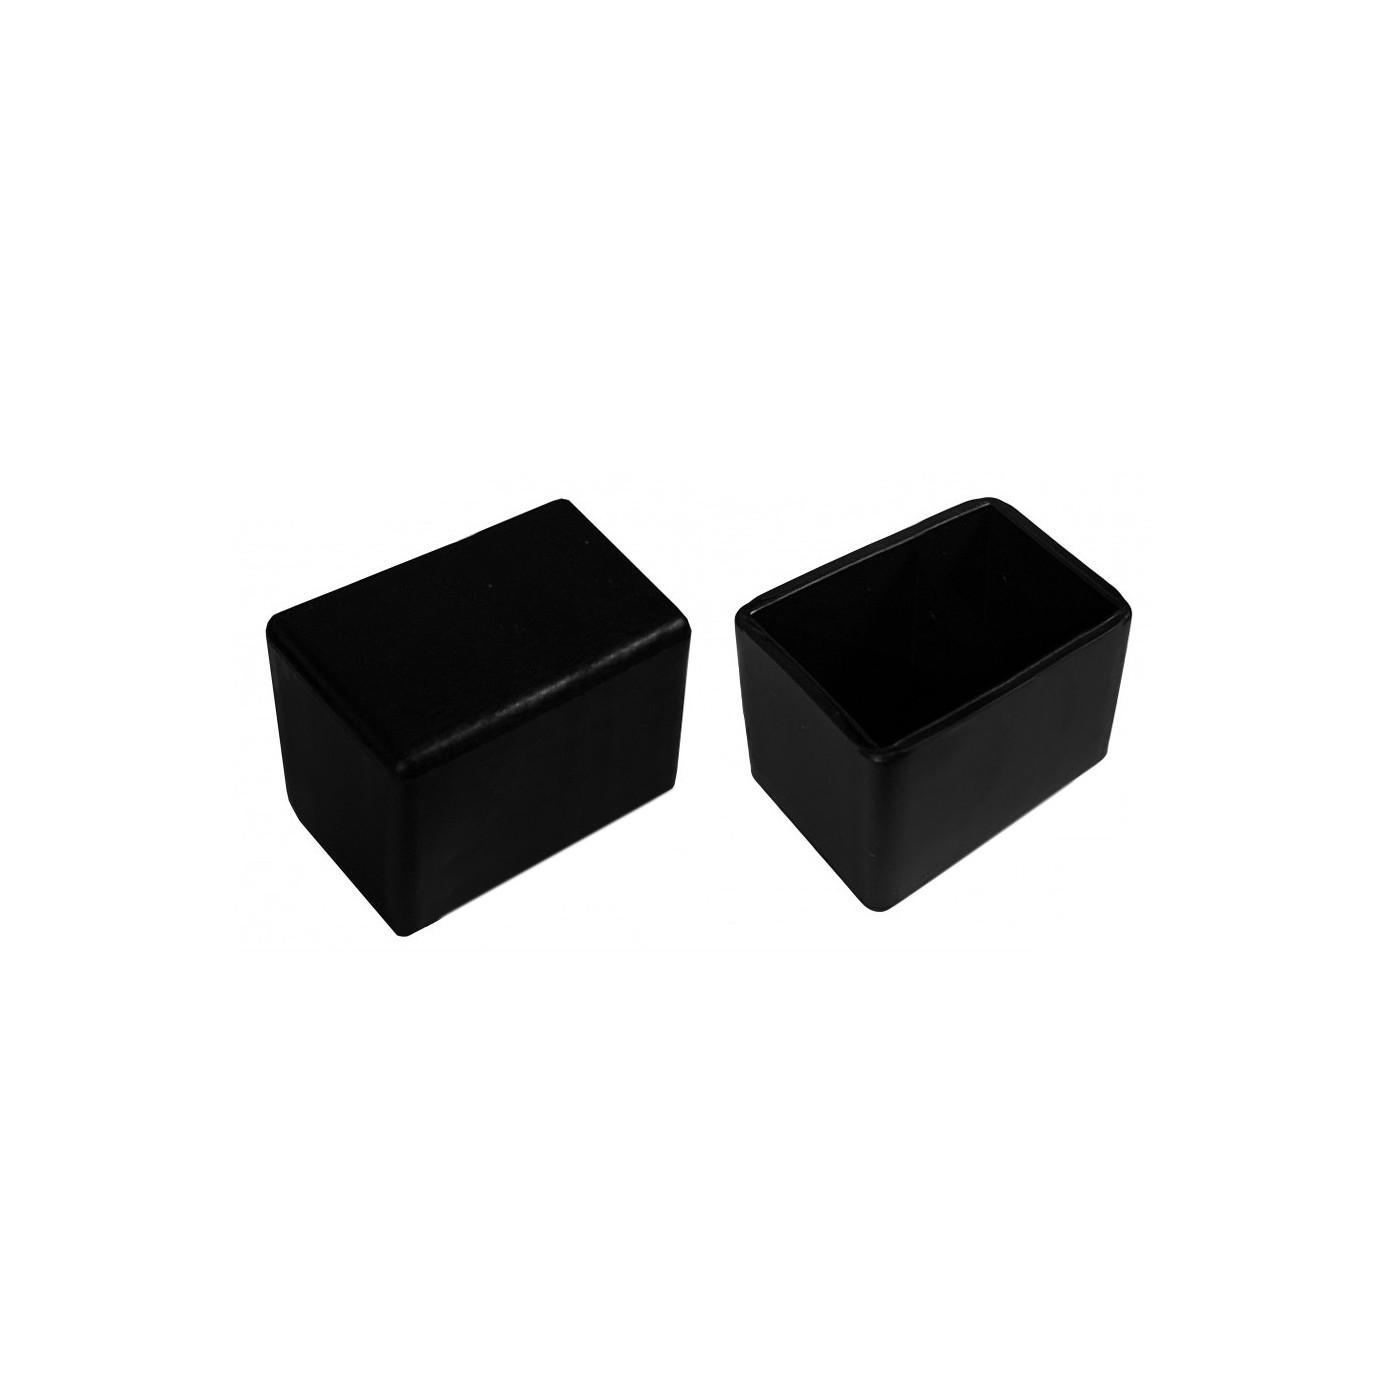 Set von 32 silikonkappen (Außenkappe, Rechteck, 20x30 mm, schwarz) [O-RA-20x30-B]  - 1